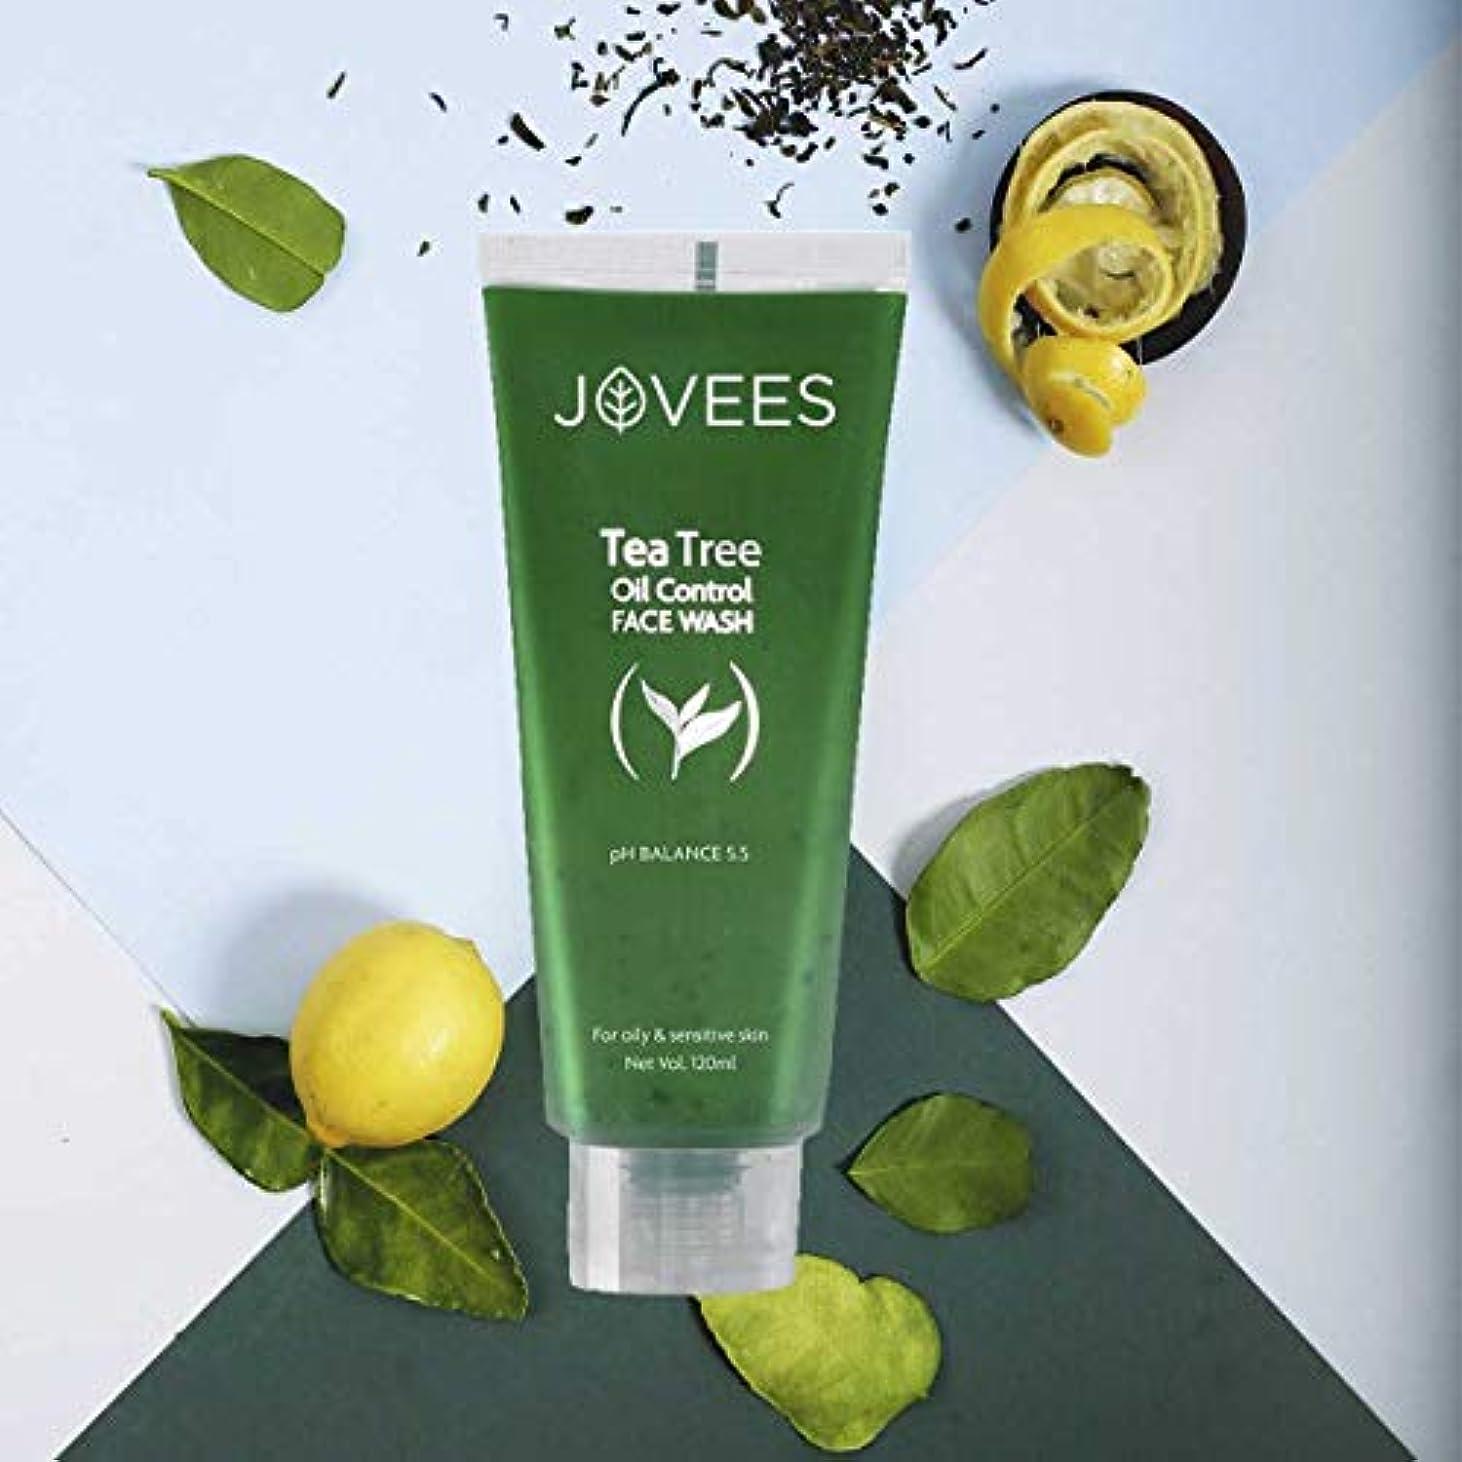 愛人男らしさ評価Jovees Tea Tree Oil Control Face Wash 120ml Best for oily & sensitive skin control acne ティーツリーオイルコントロールフェイスウォッシュ...